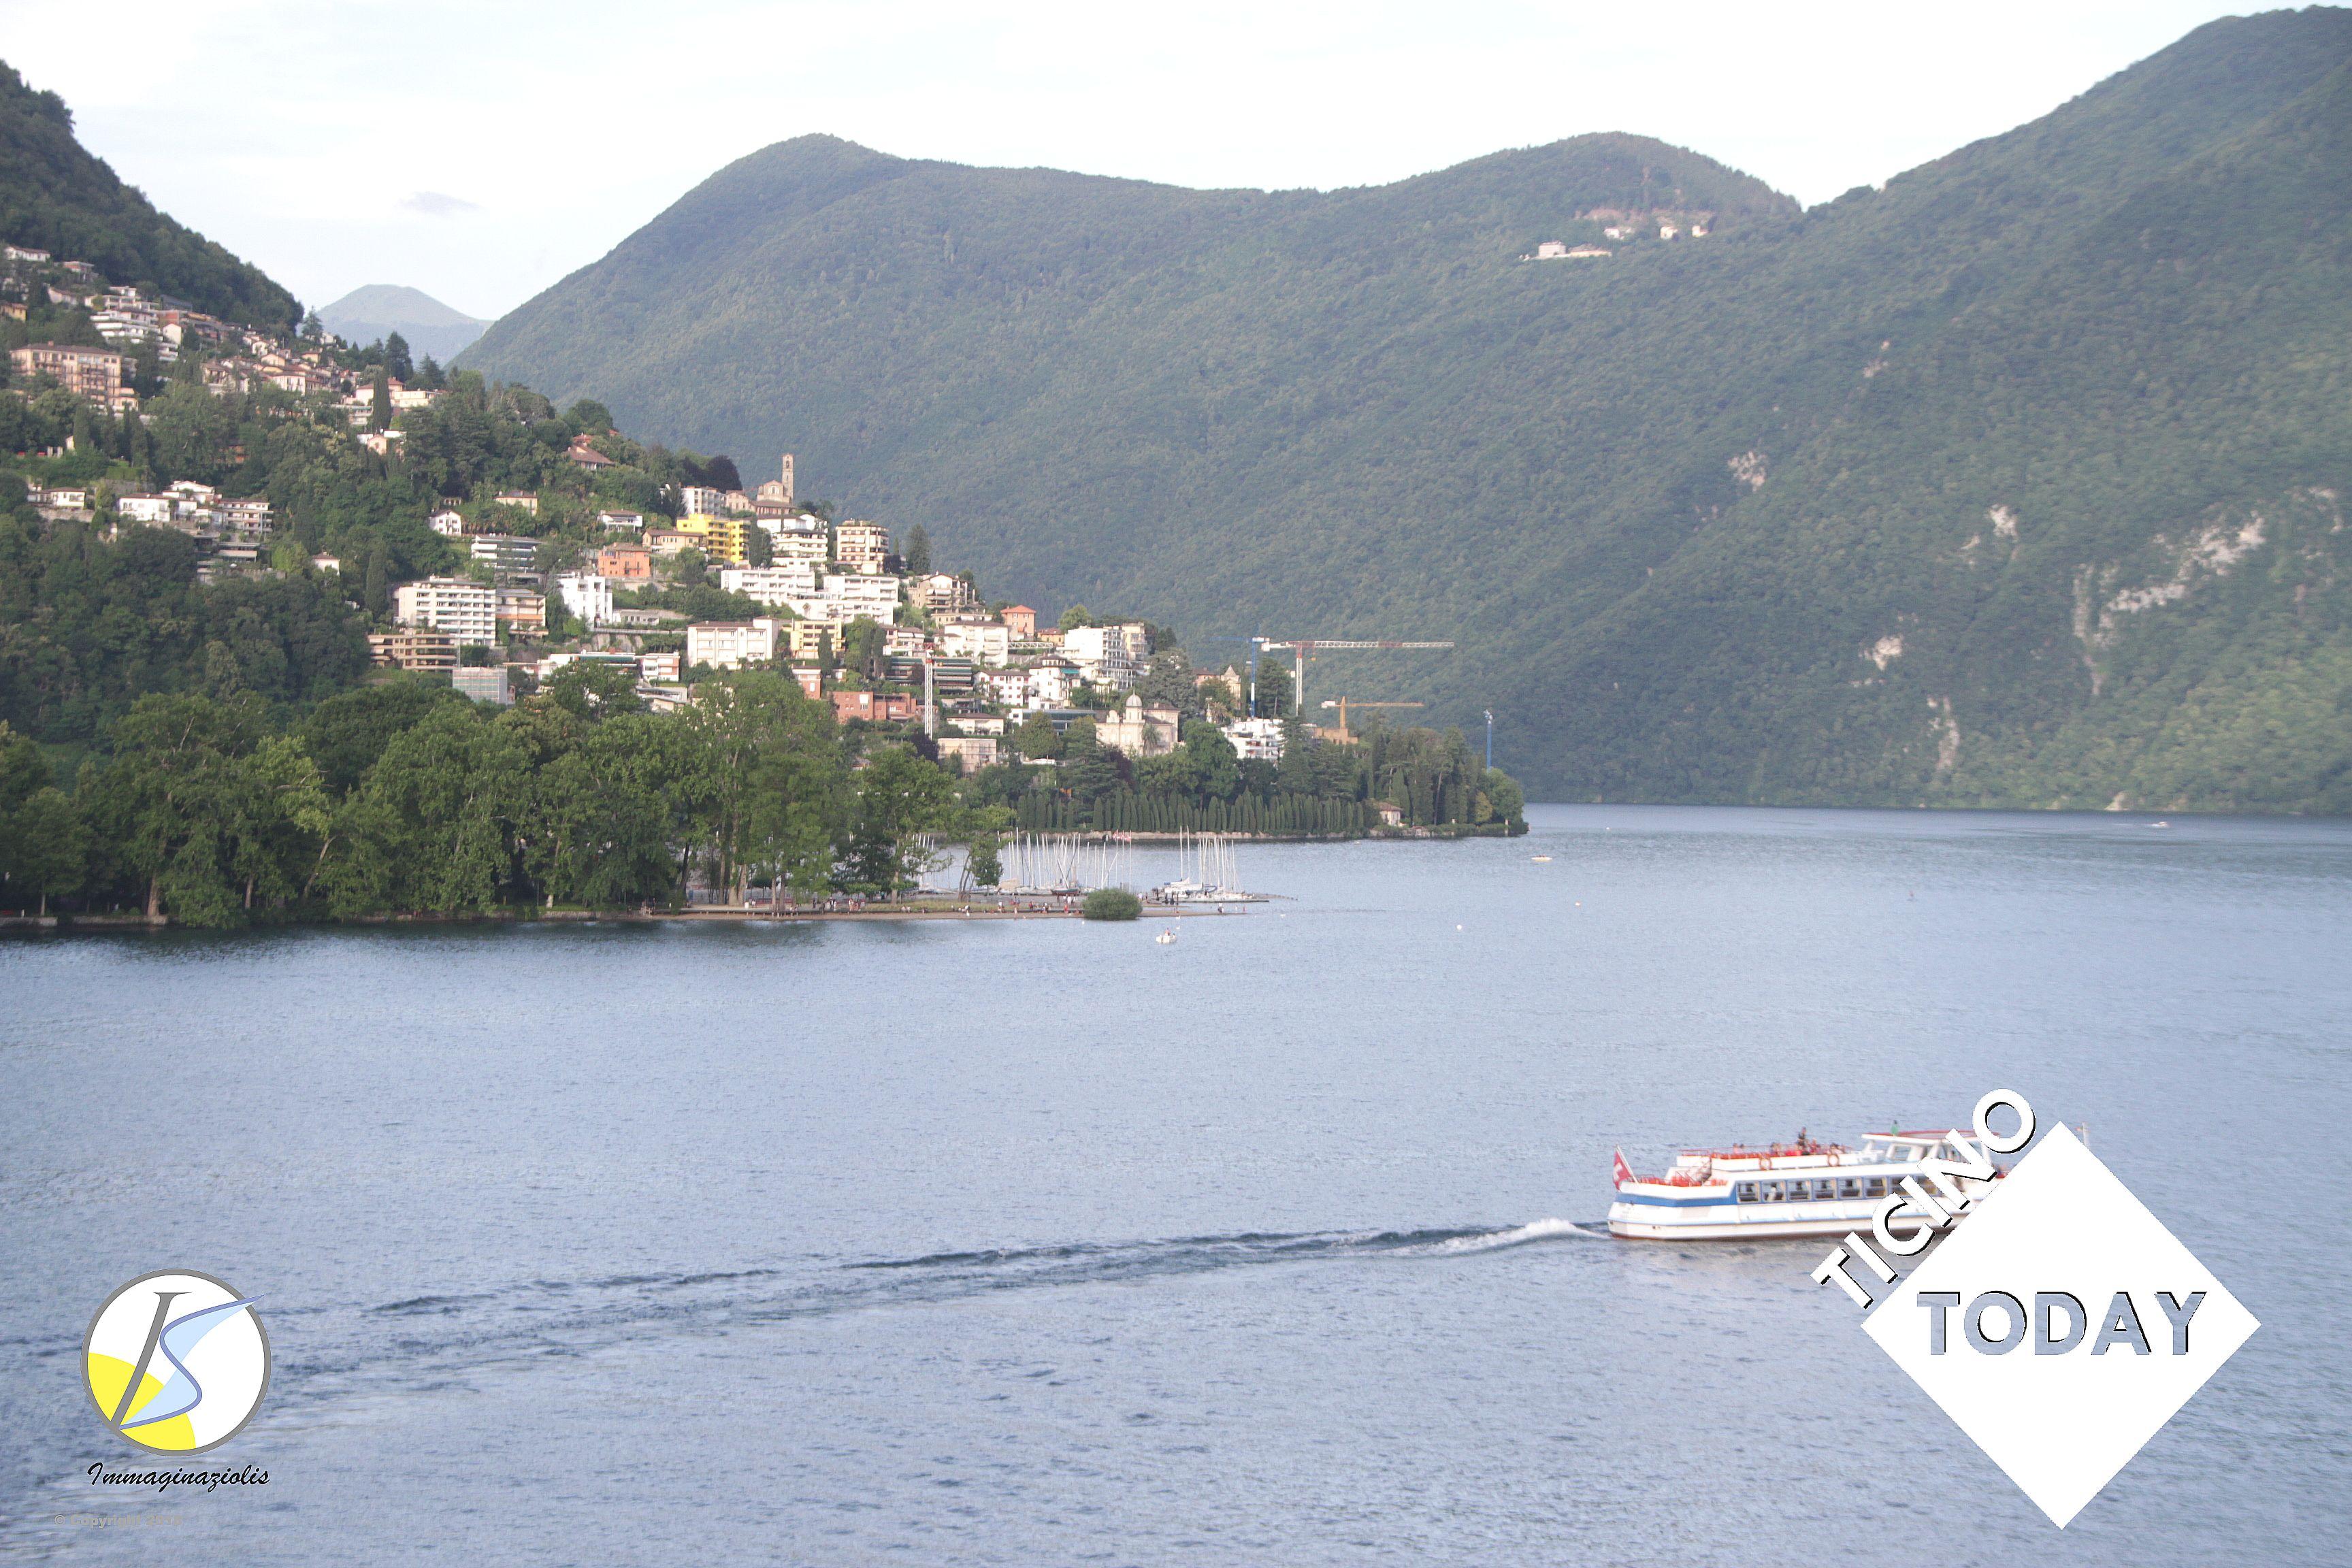 Incontri a Lugano Svizzera